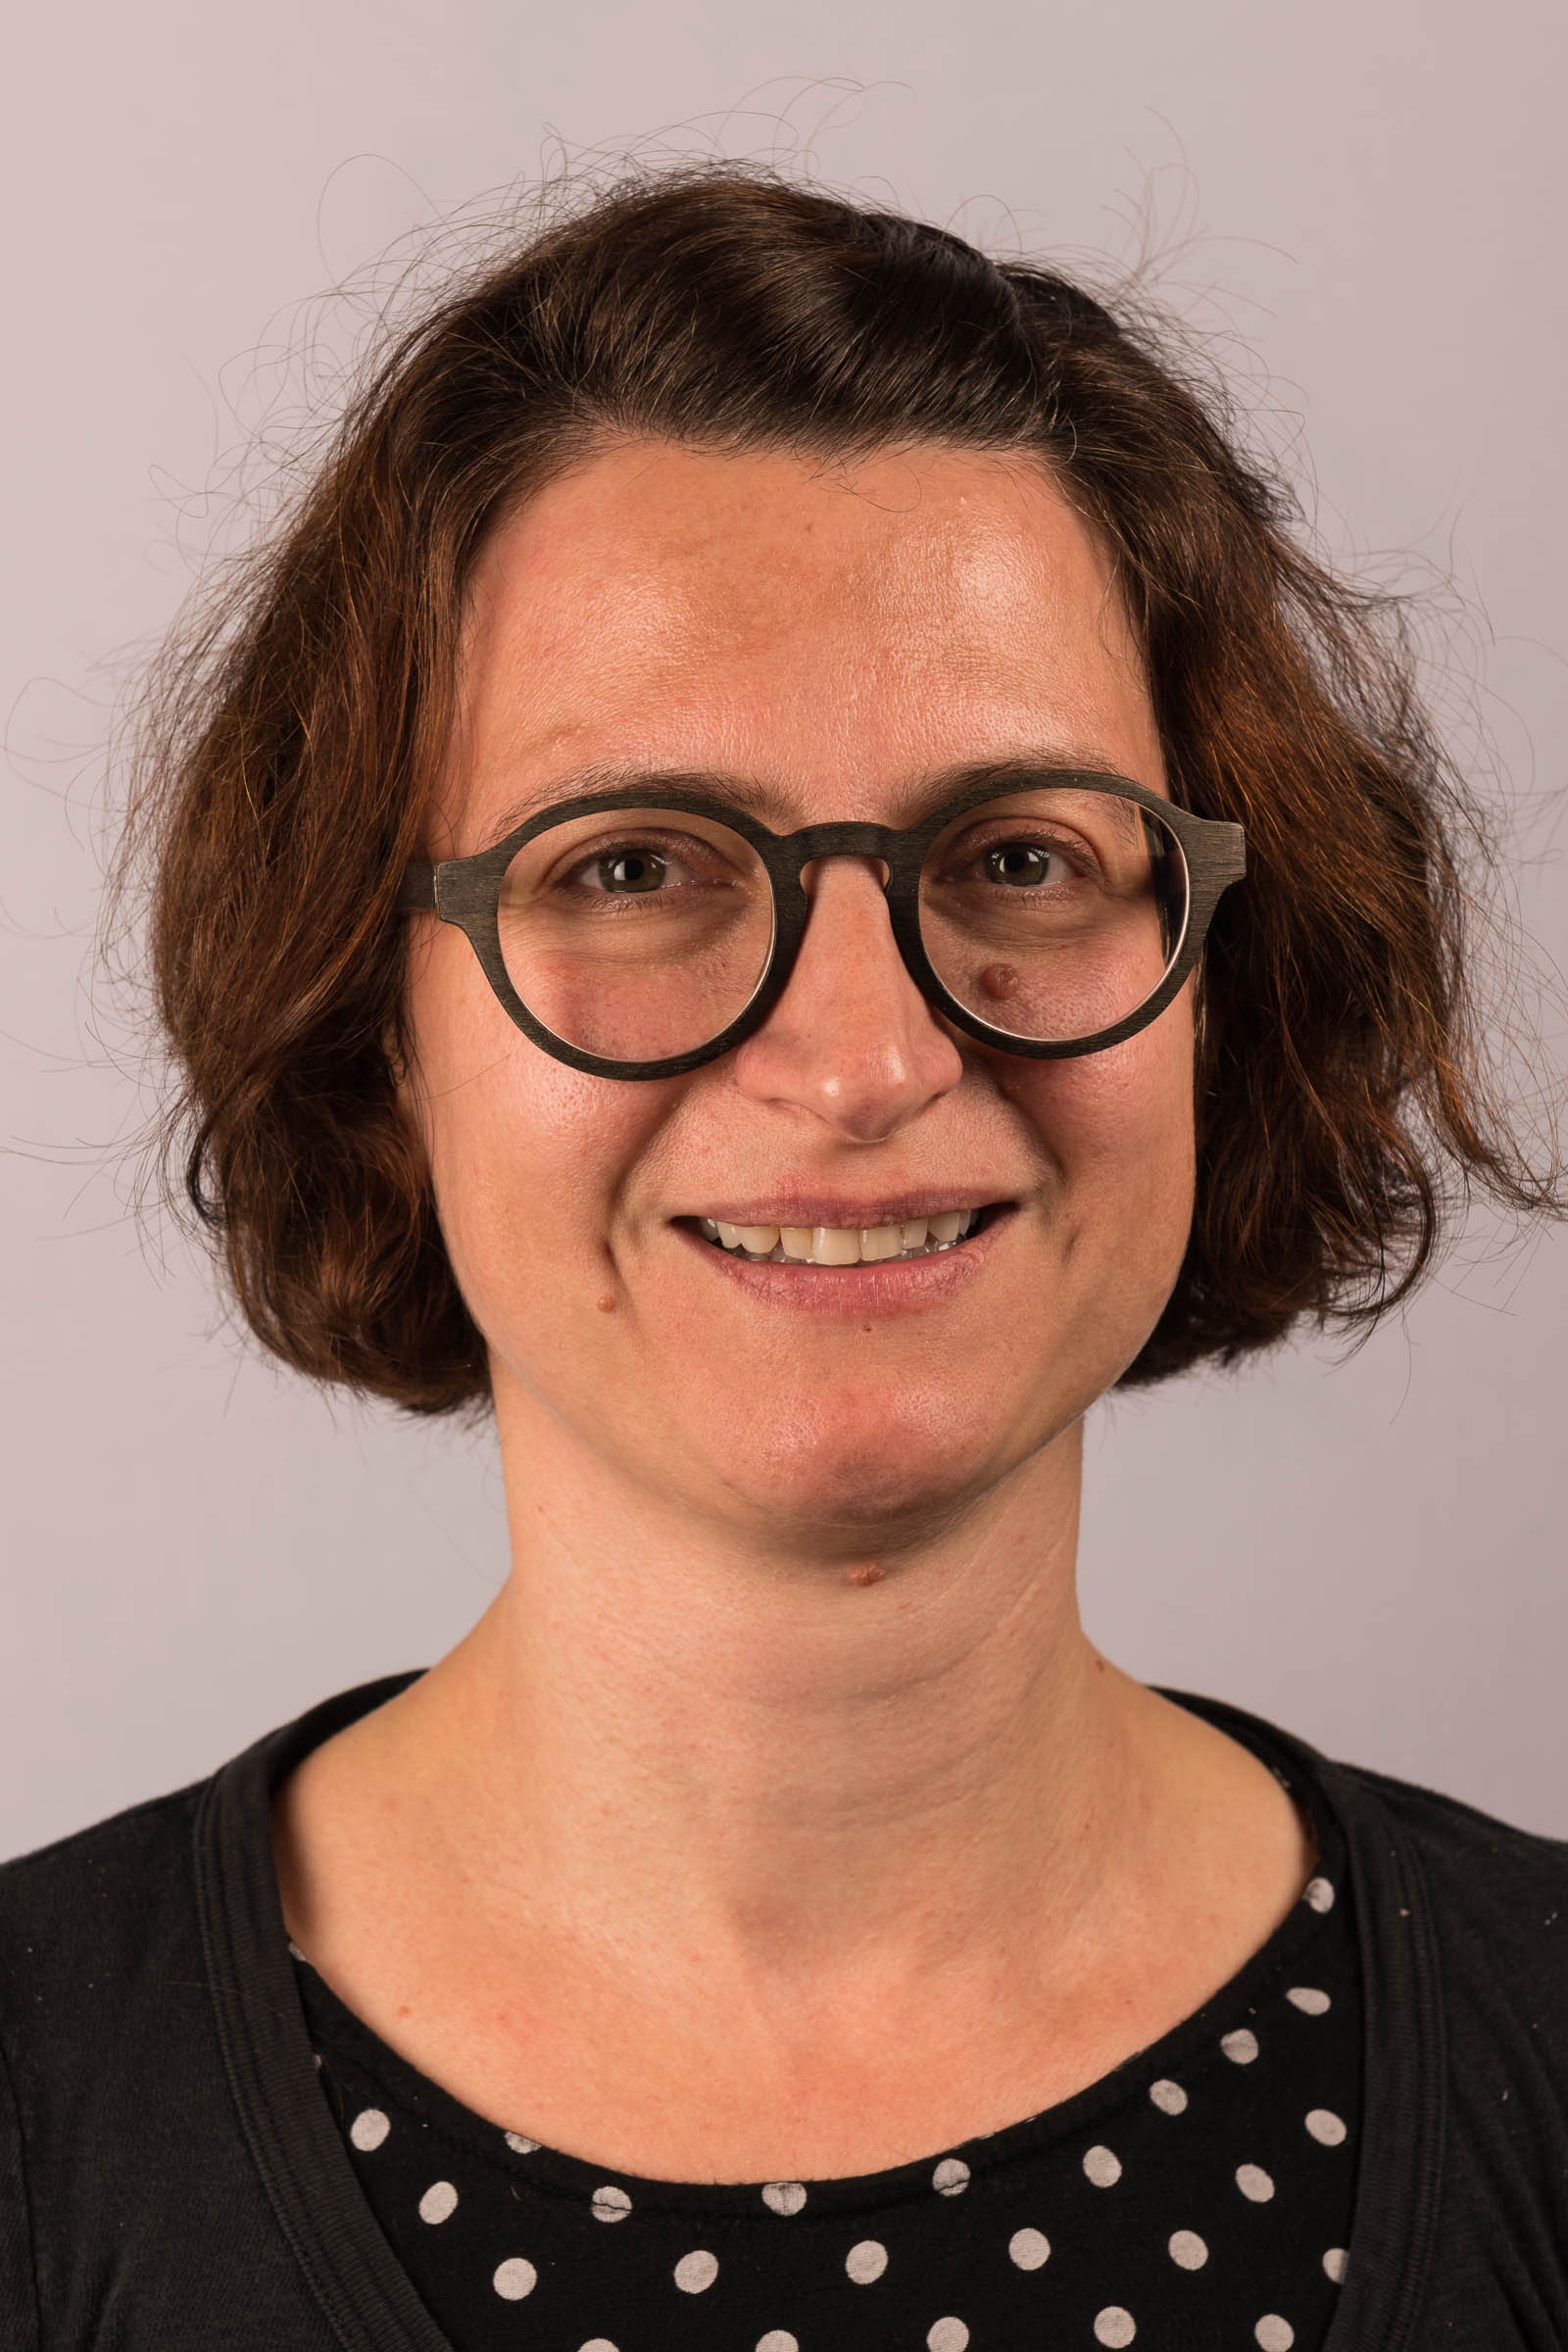 Yvonne Ehrensperger